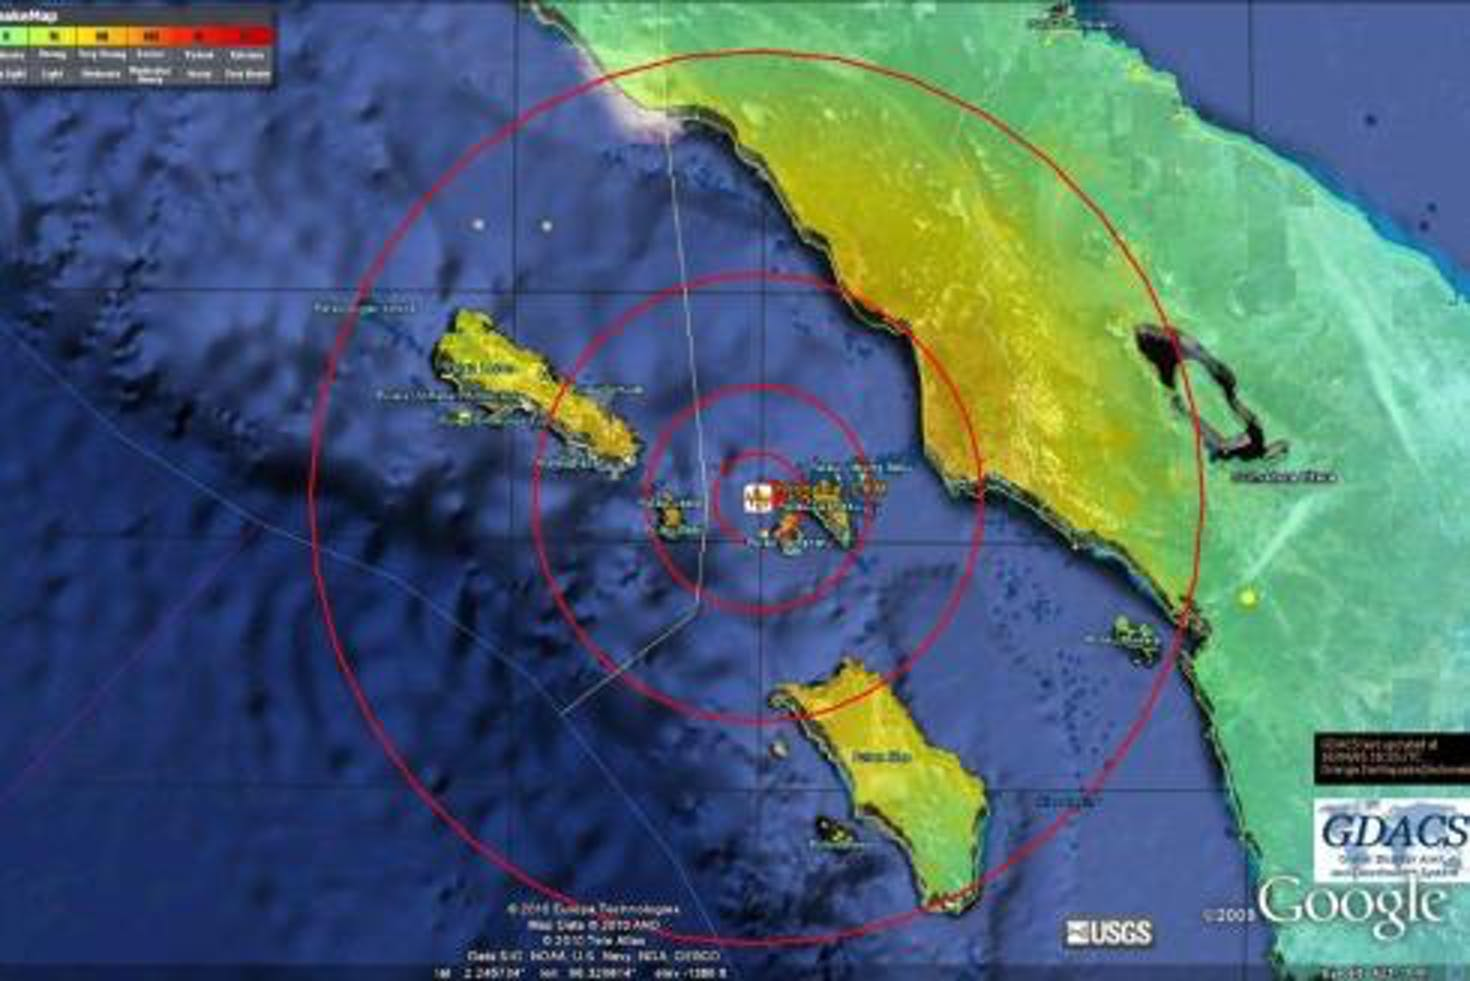 Mappa del terremoto al largo di Sumatra (Indonesia) - ©www.directrelief.org